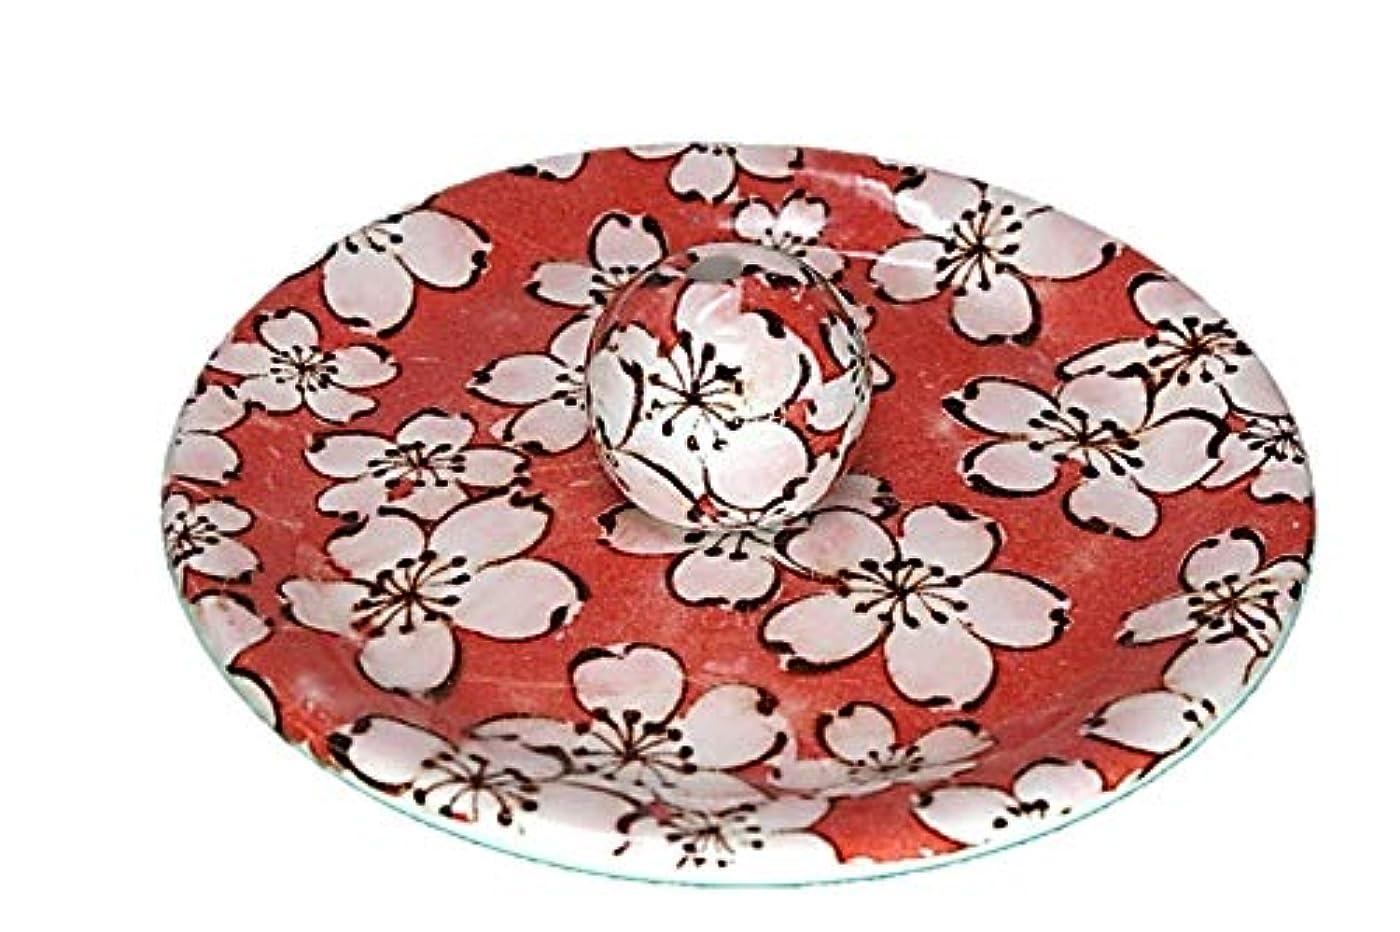 サイレン狂信者袋9-56 都踊 9cm香皿 お香立て お香たて 陶器 日本製 製造?直売品